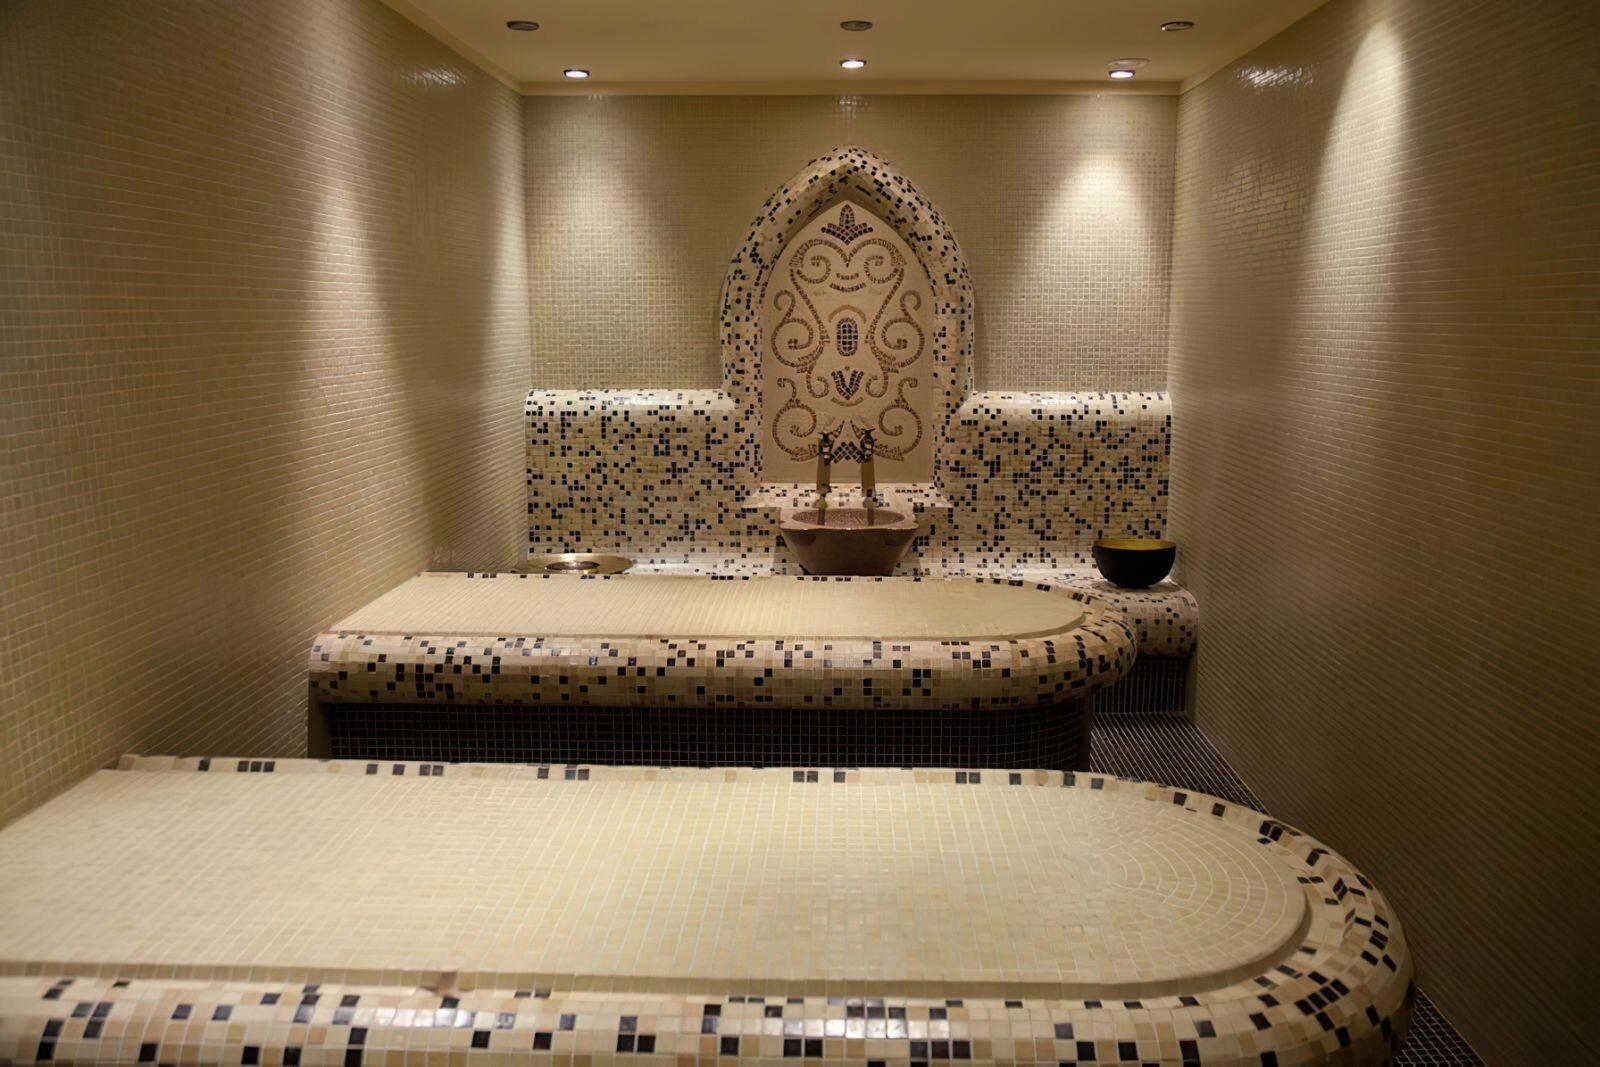 Хотел Лион 4* - турска баня